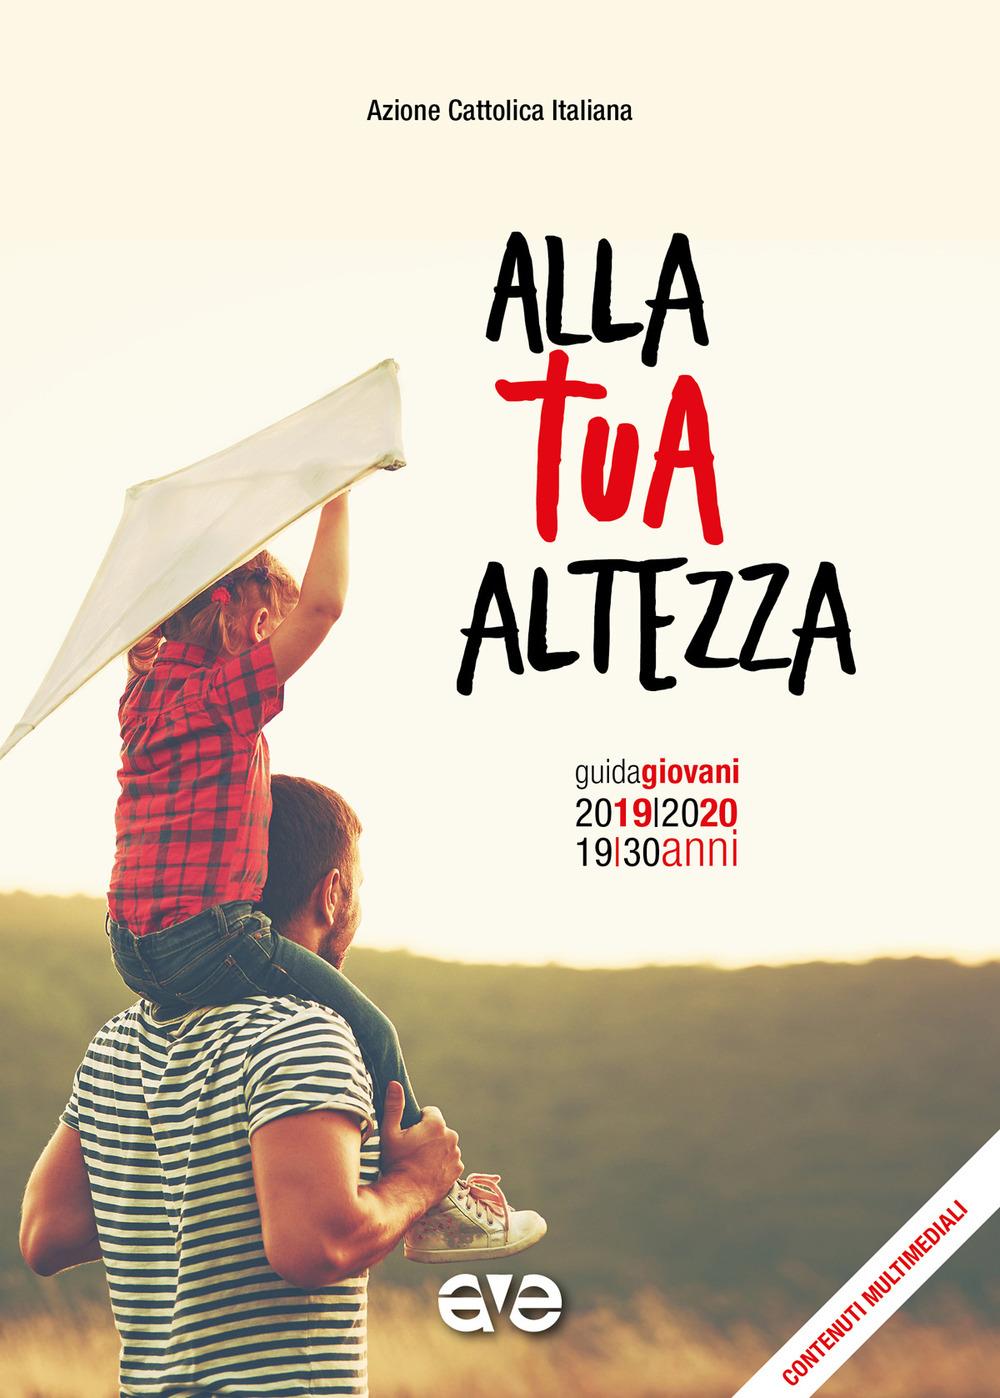 ALLA TUA ALTEZZA. GUIDA GIOVANI 2019-2020 - Azione Cattolica Italiana - Settore giovani (cur.) - 9788832711417